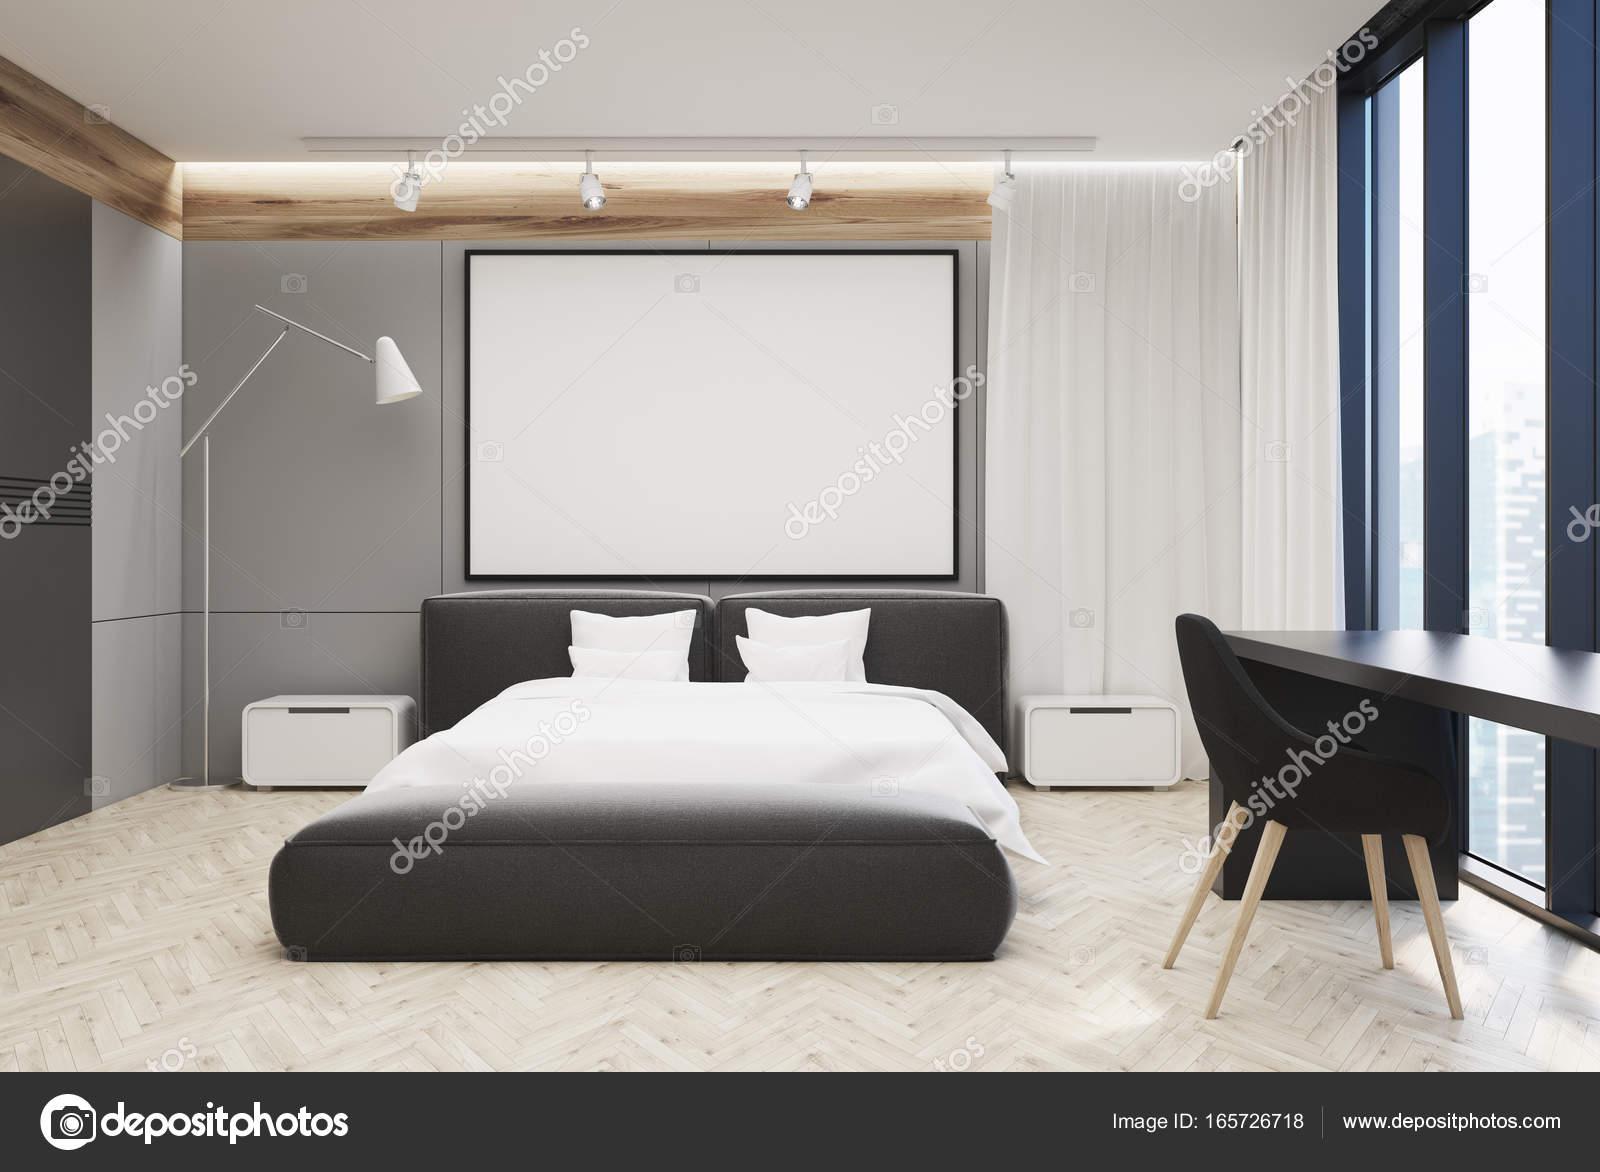 Grote Posters Slaapkamer : Grijze en witte slaapkamer grote poster u stockfoto